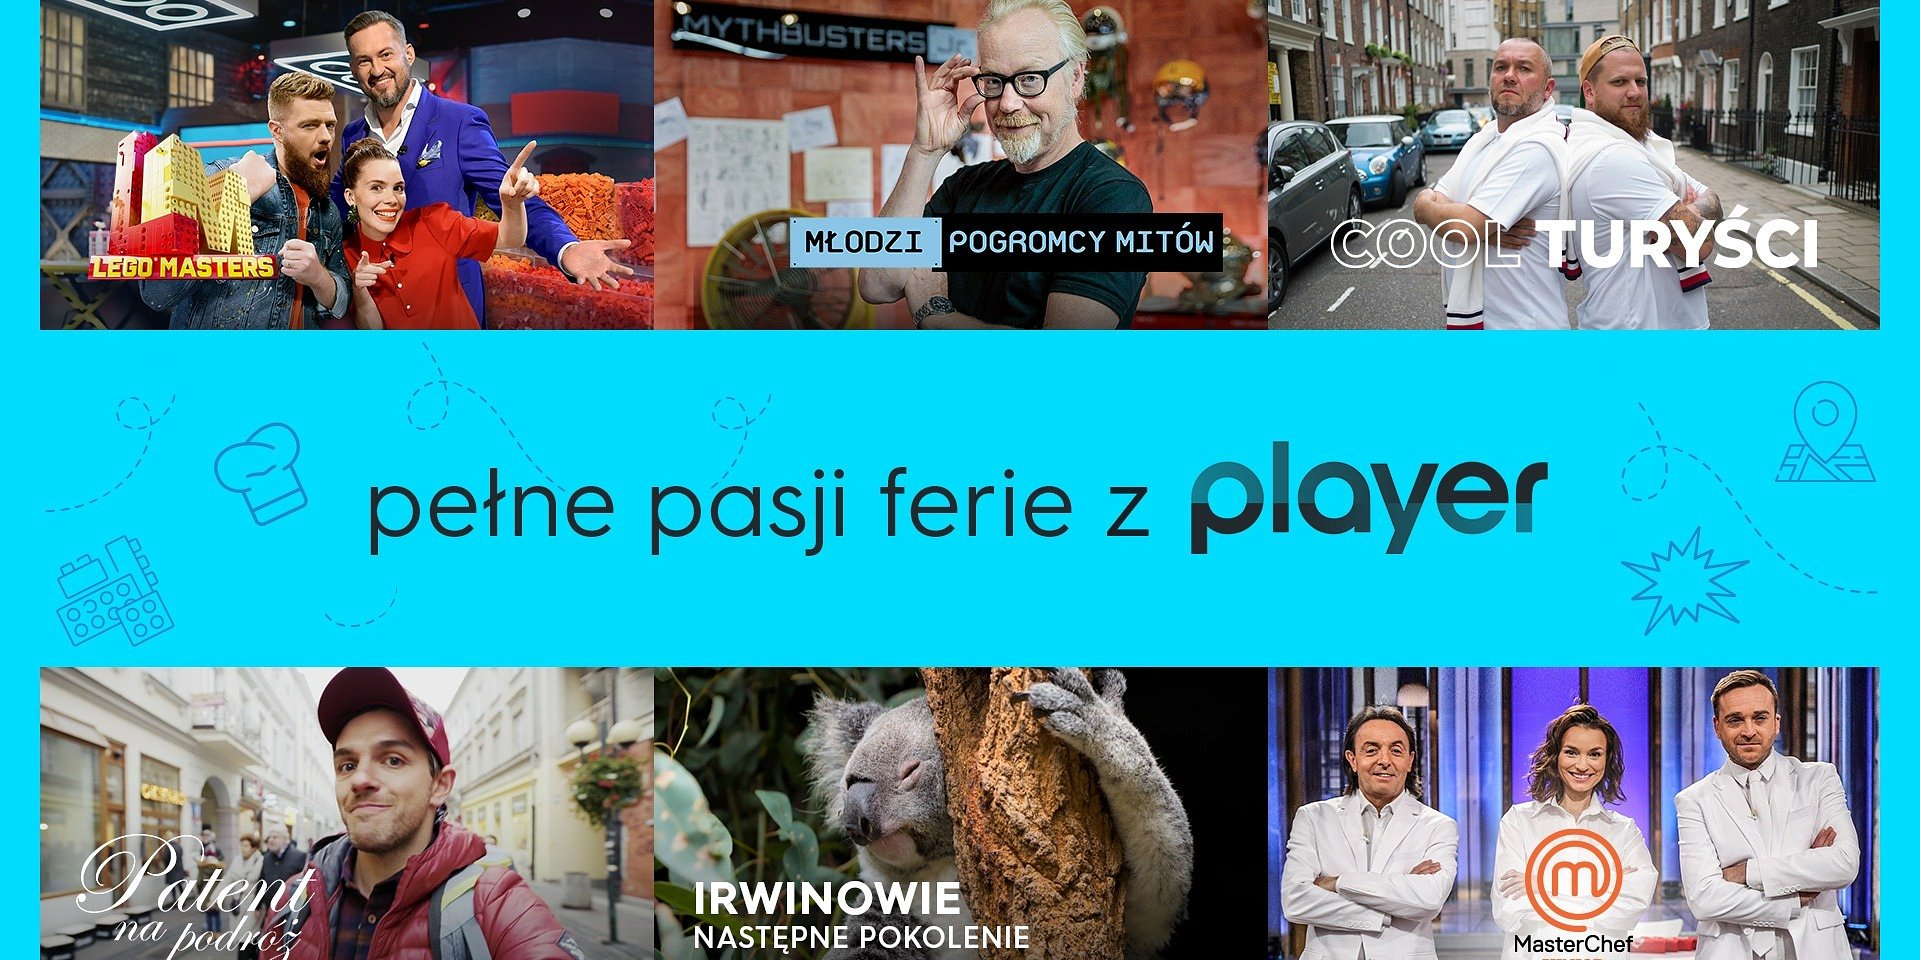 """Odkrywaj, podróżuj, inspiruj całą rodzinę, czyli spędź pełne pasji """"Ferie z Playerem""""!"""